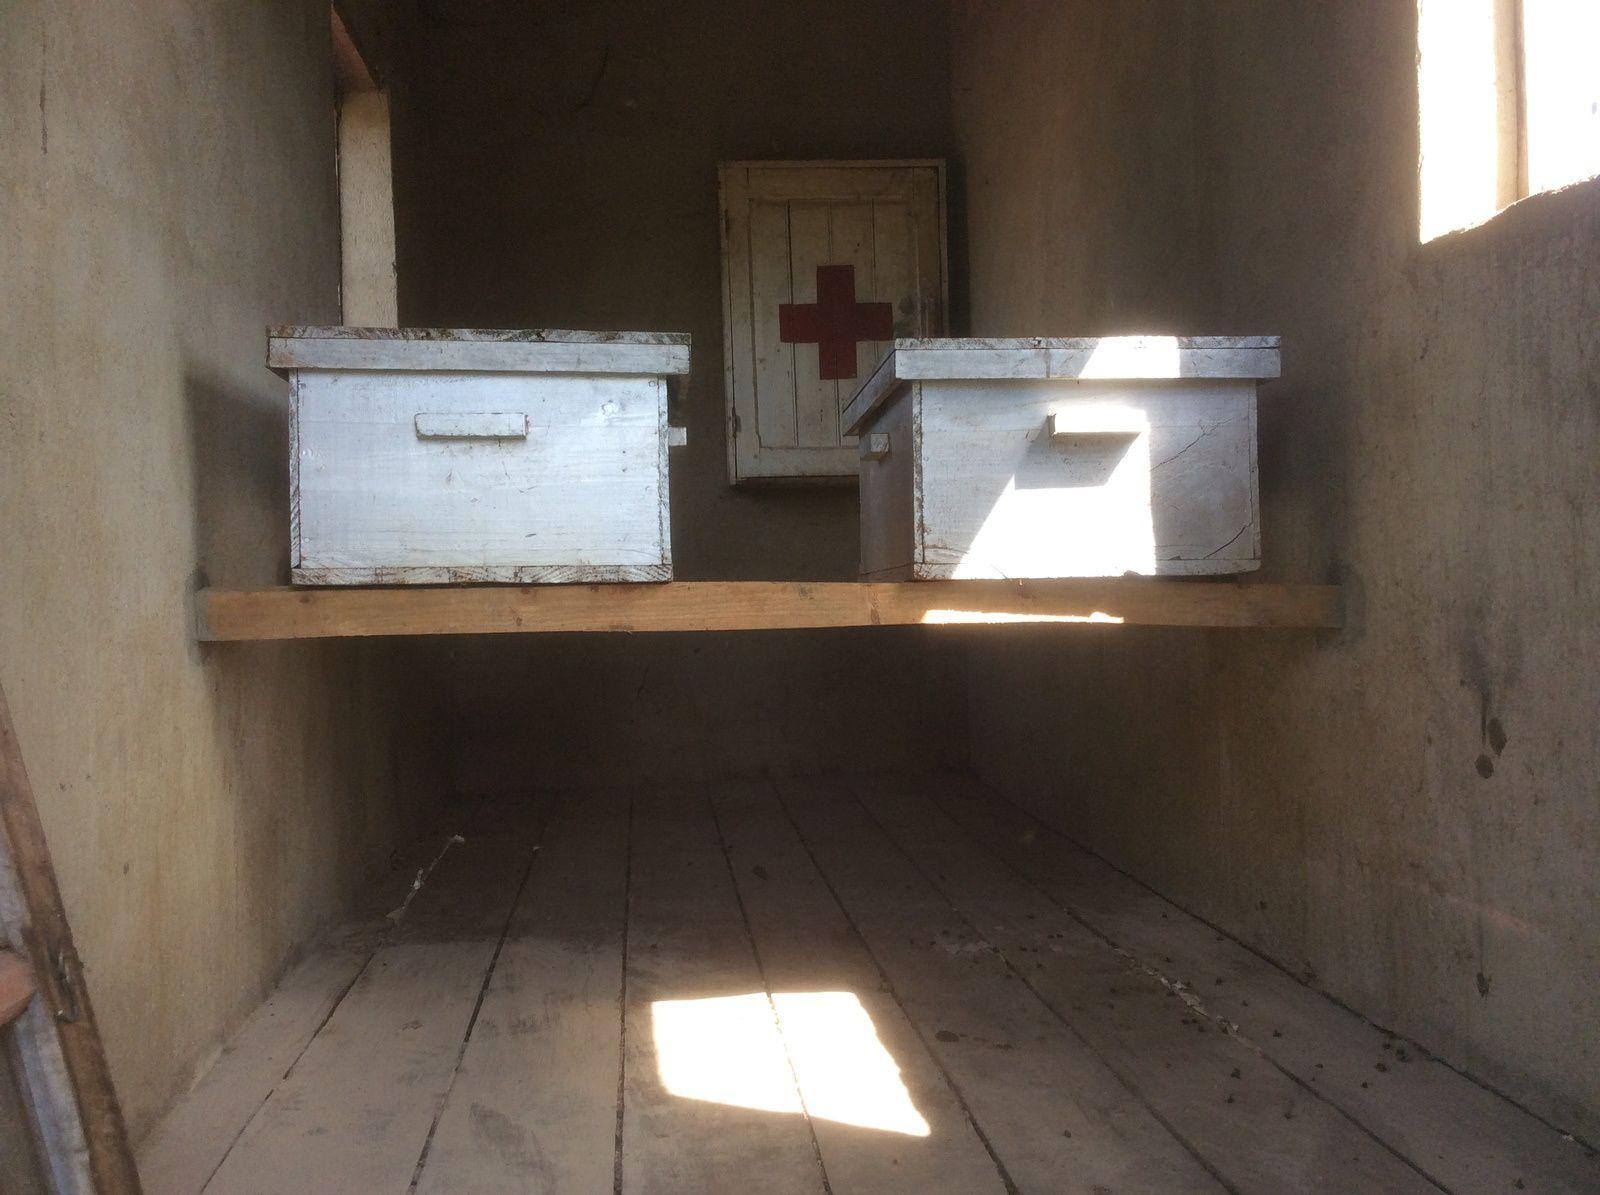 bon, pour deux ruches ça va  ! !  mais pour 60 on va devoir construire une belle bâtisse, un beau Rucher couvert.